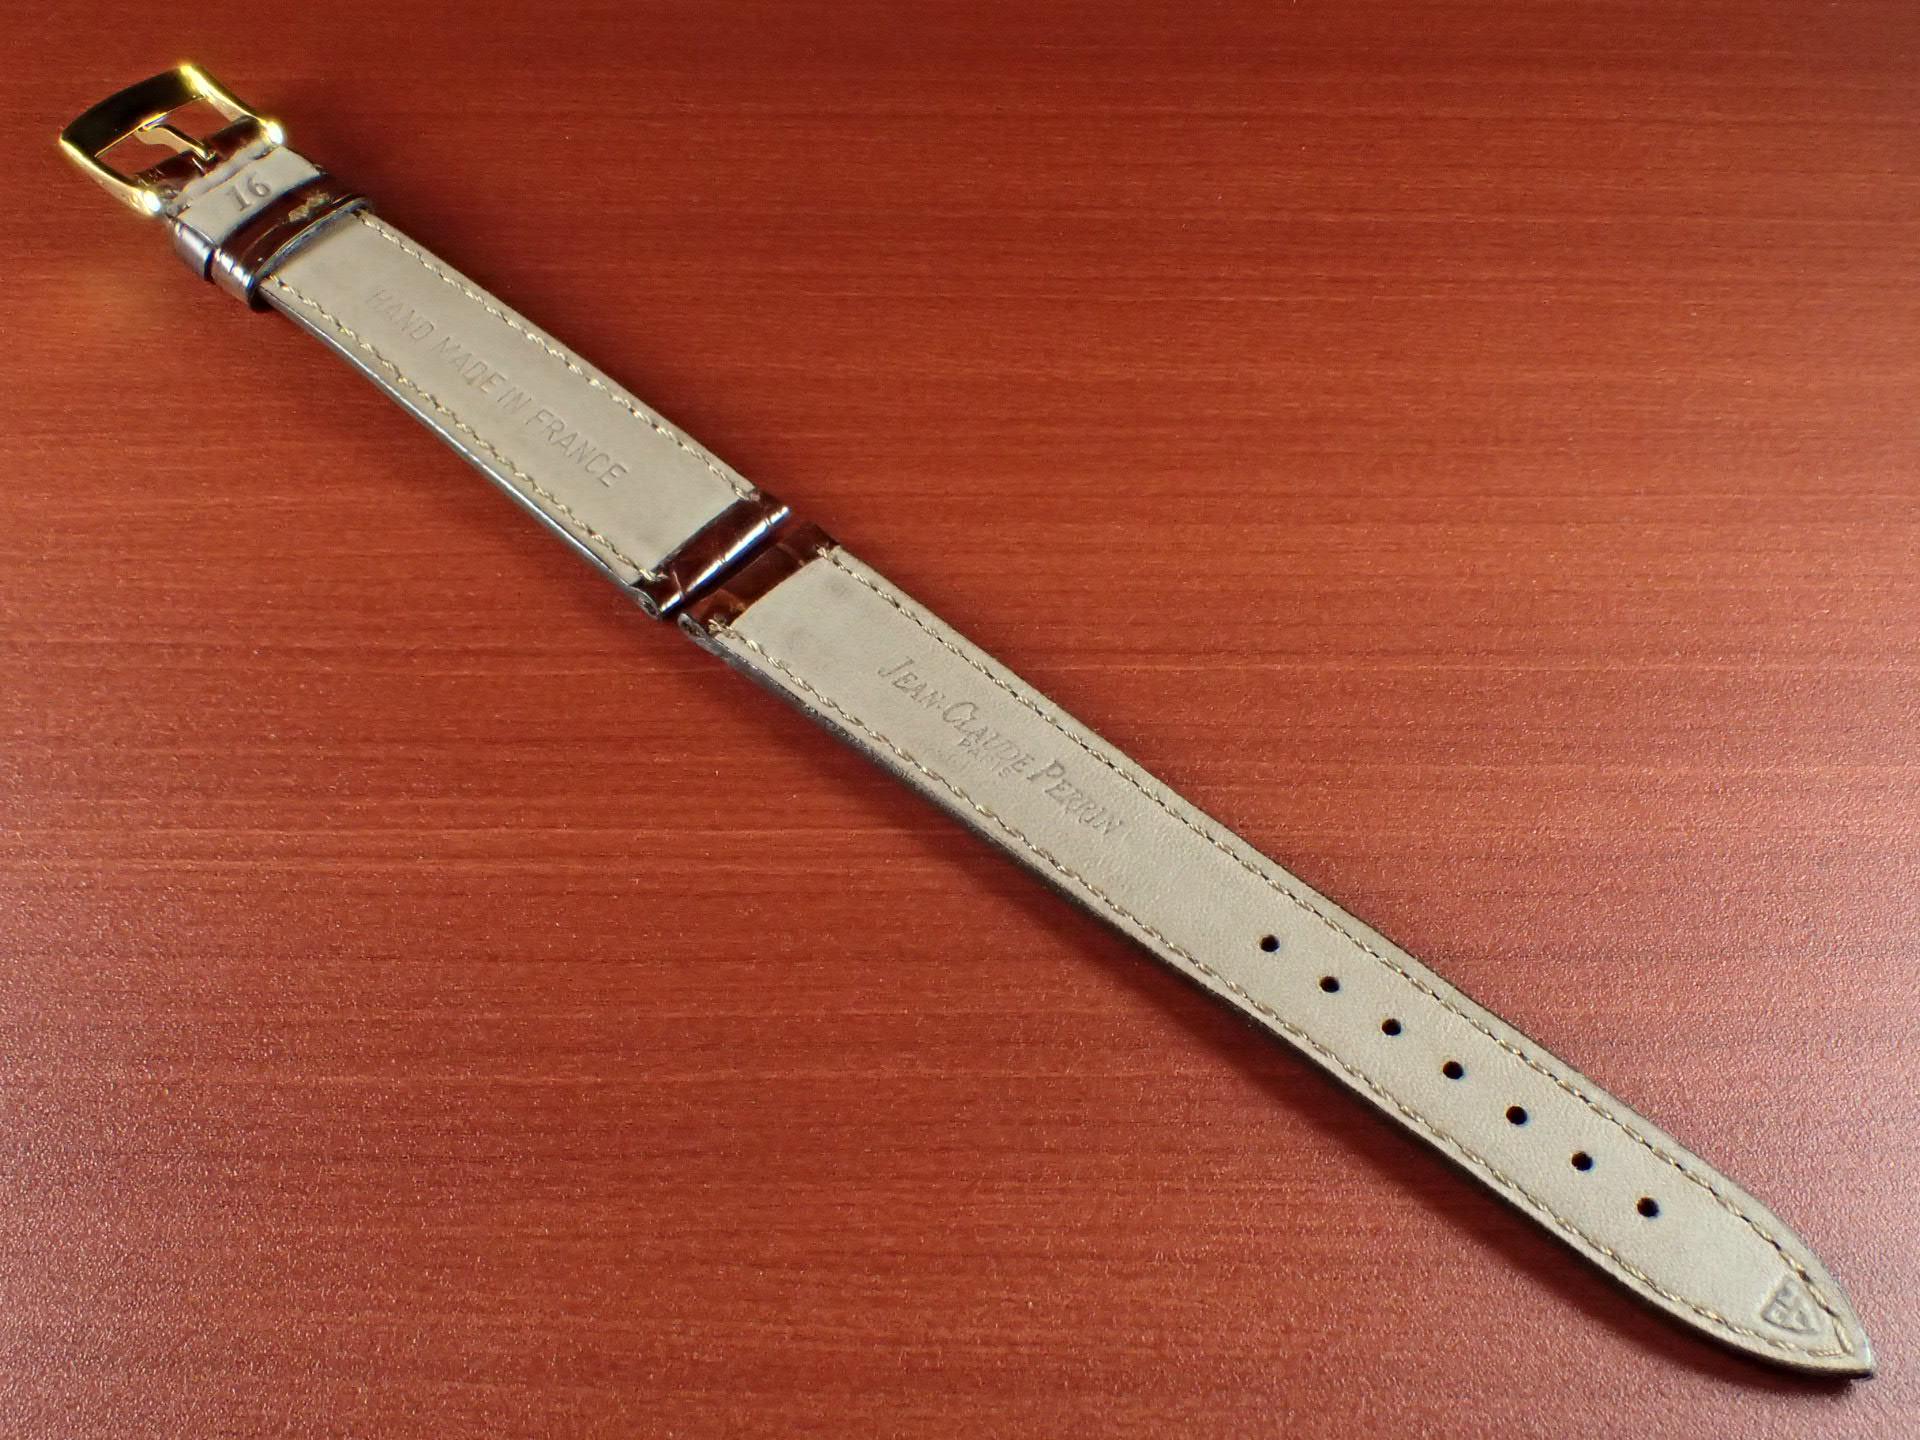 ジャン・クロード ペラン革ベルト(オールドぺラン)クロコダイル ダークブラウン 16mmの写真2枚目